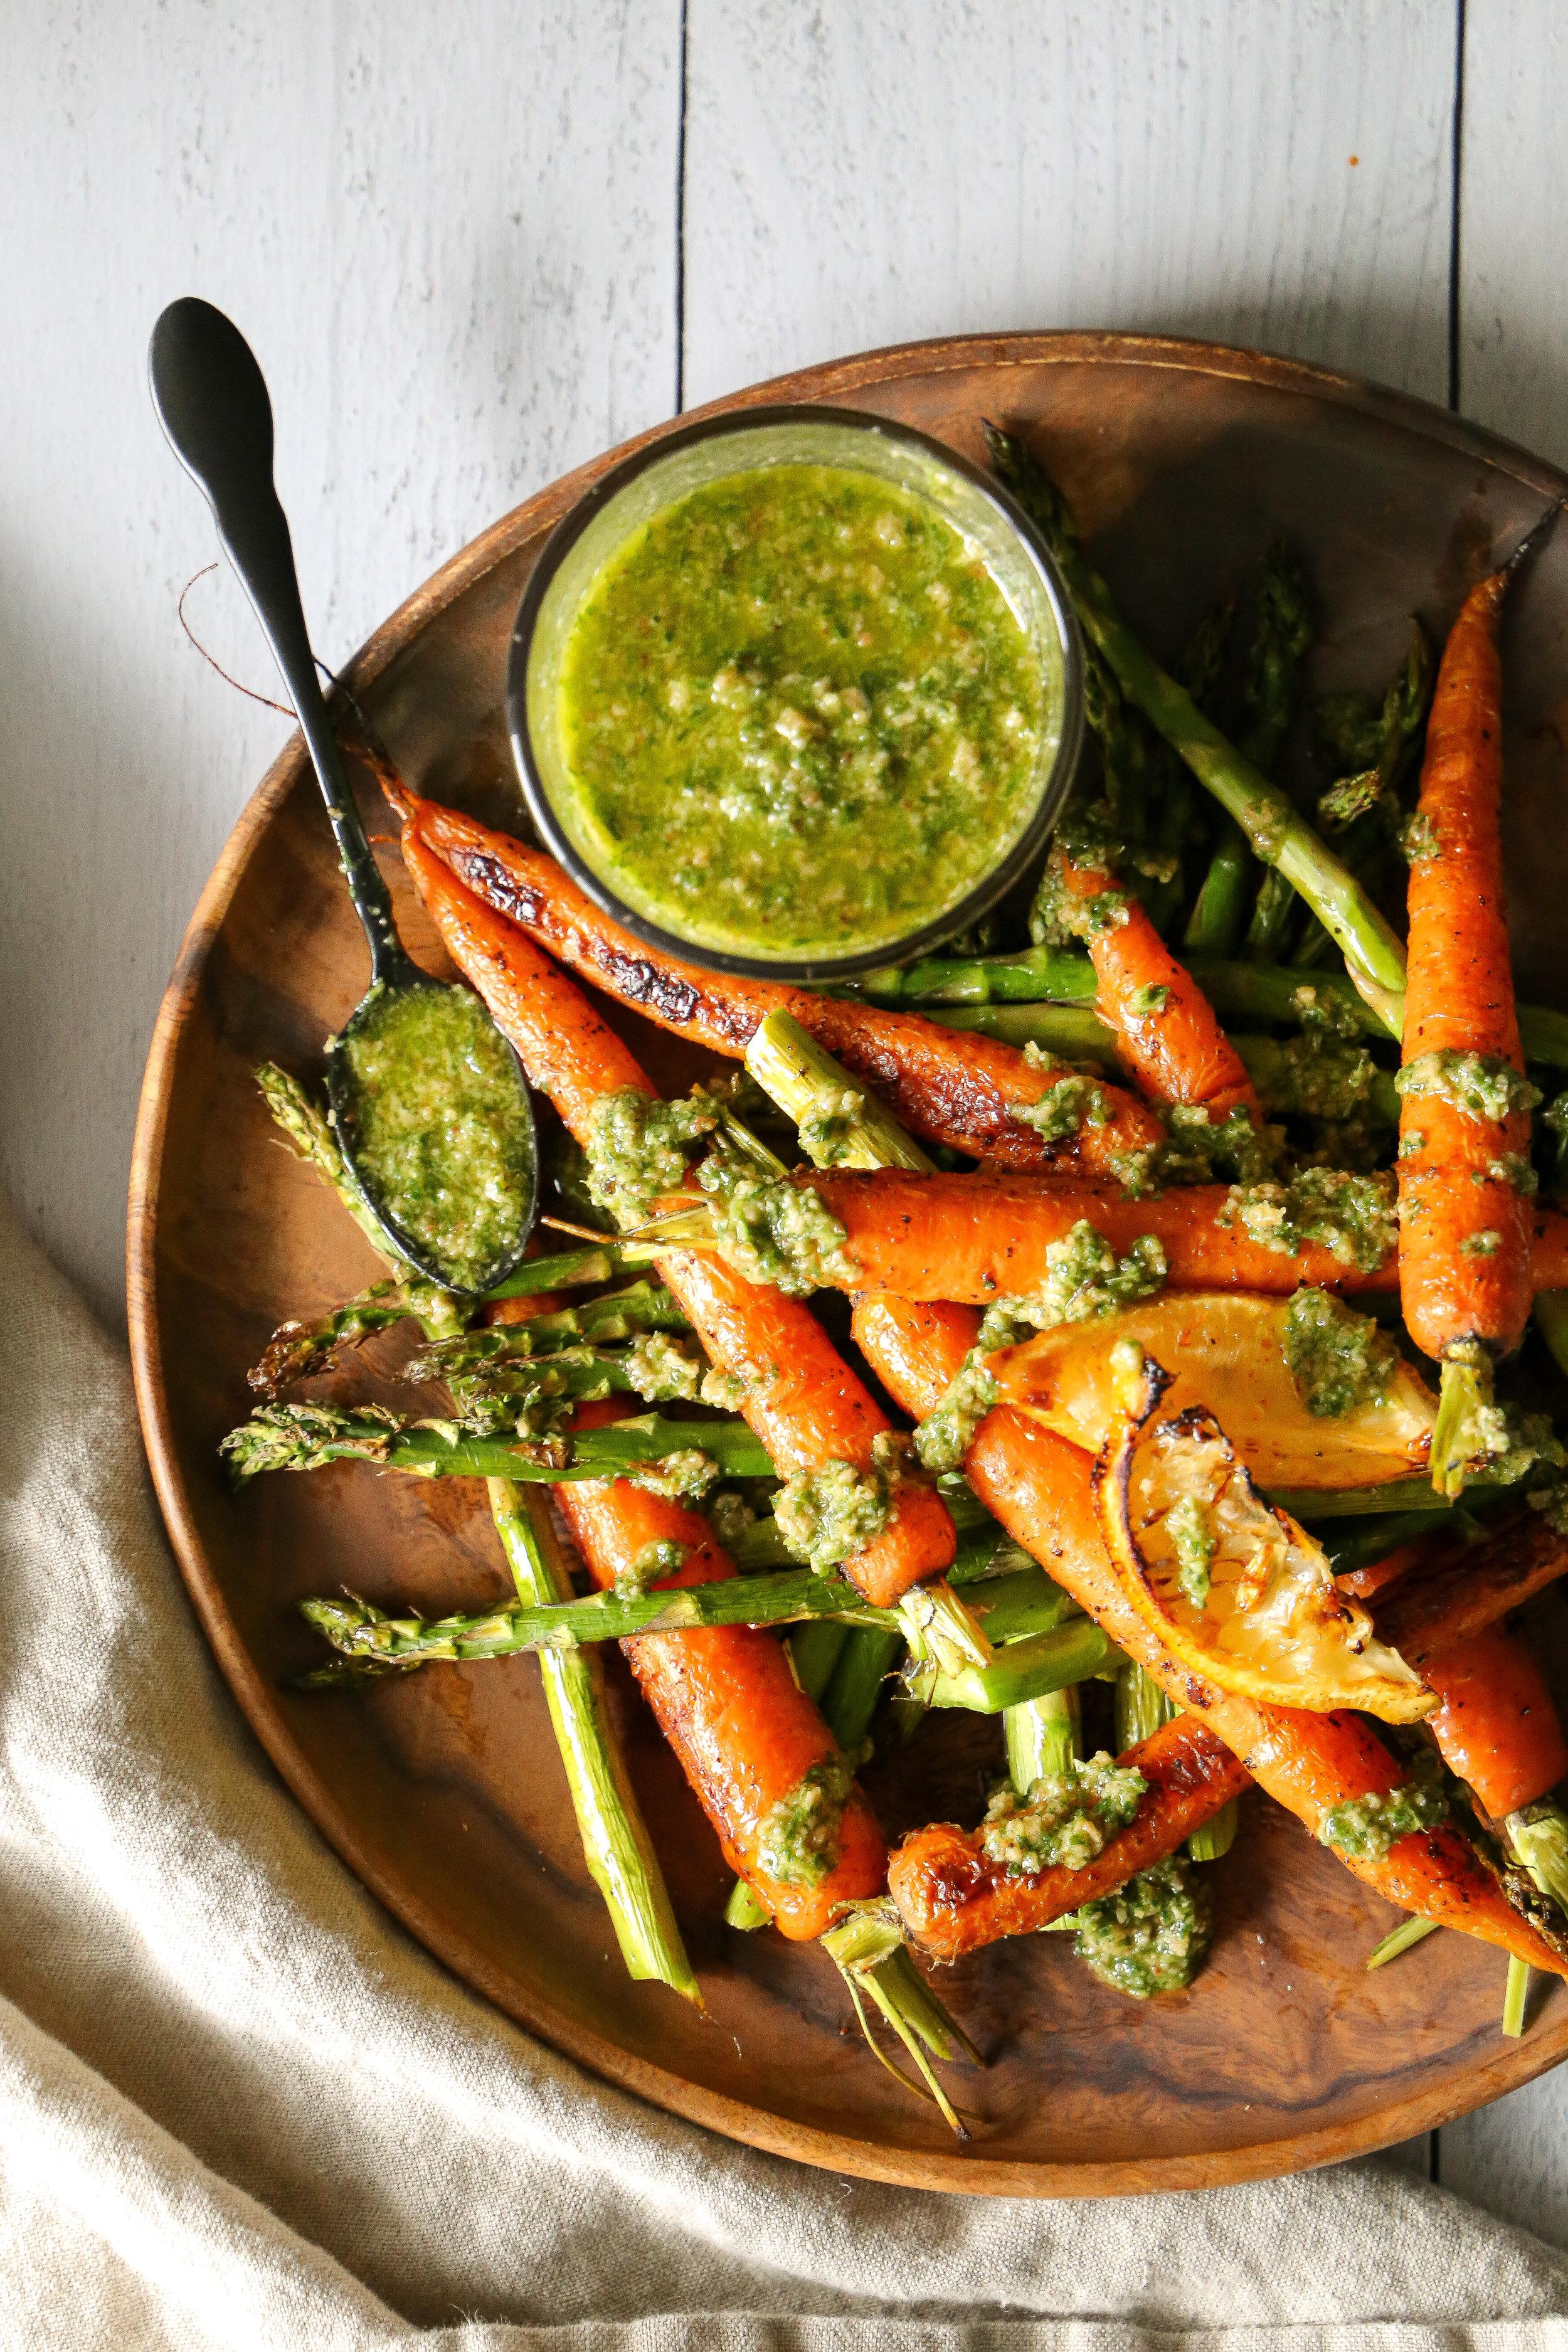 Carrot Top Pesto - Because genius is genius is genius.